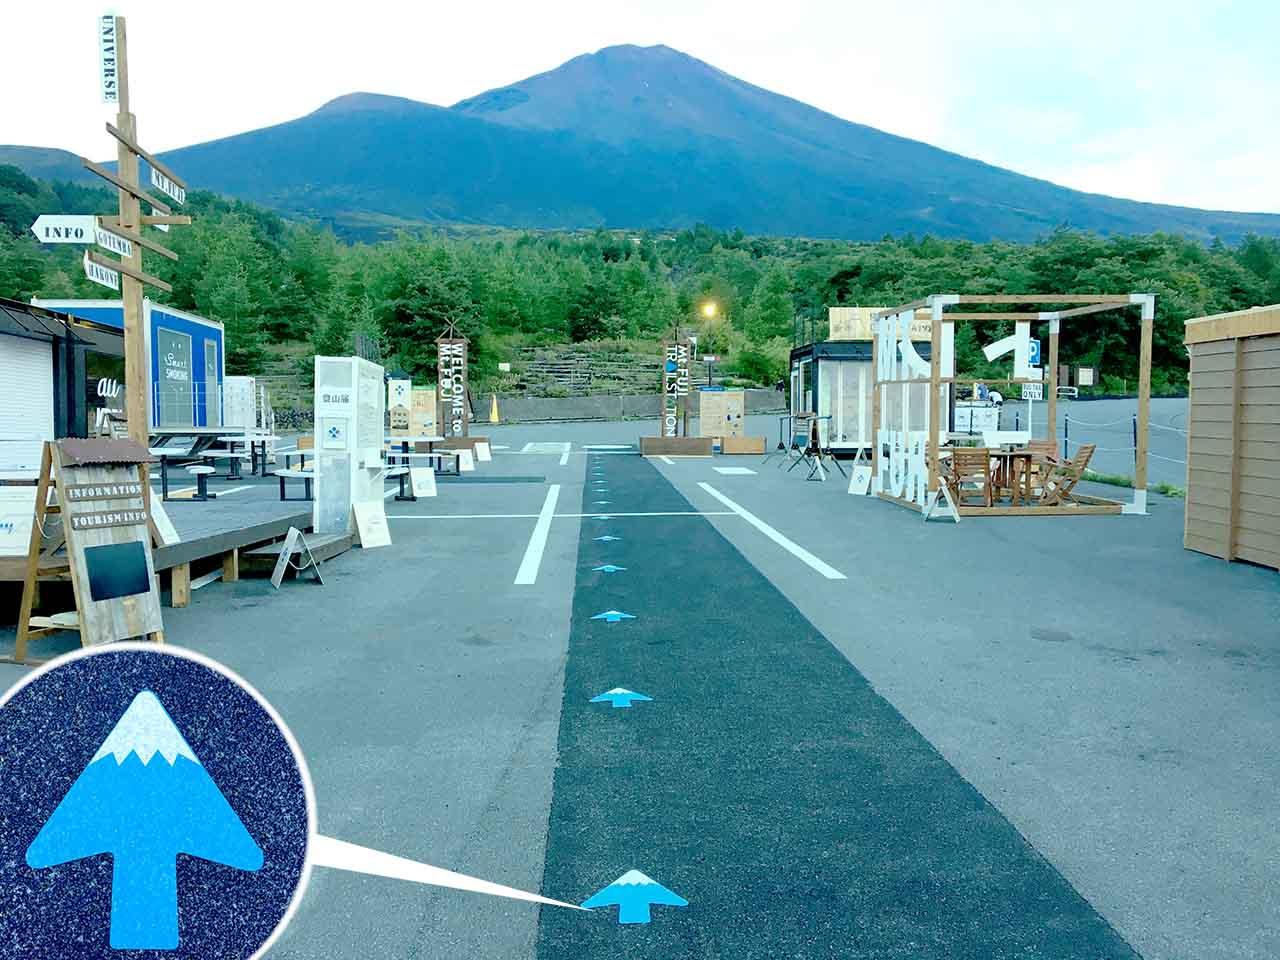 Mt.FUJI TRAIL STATION